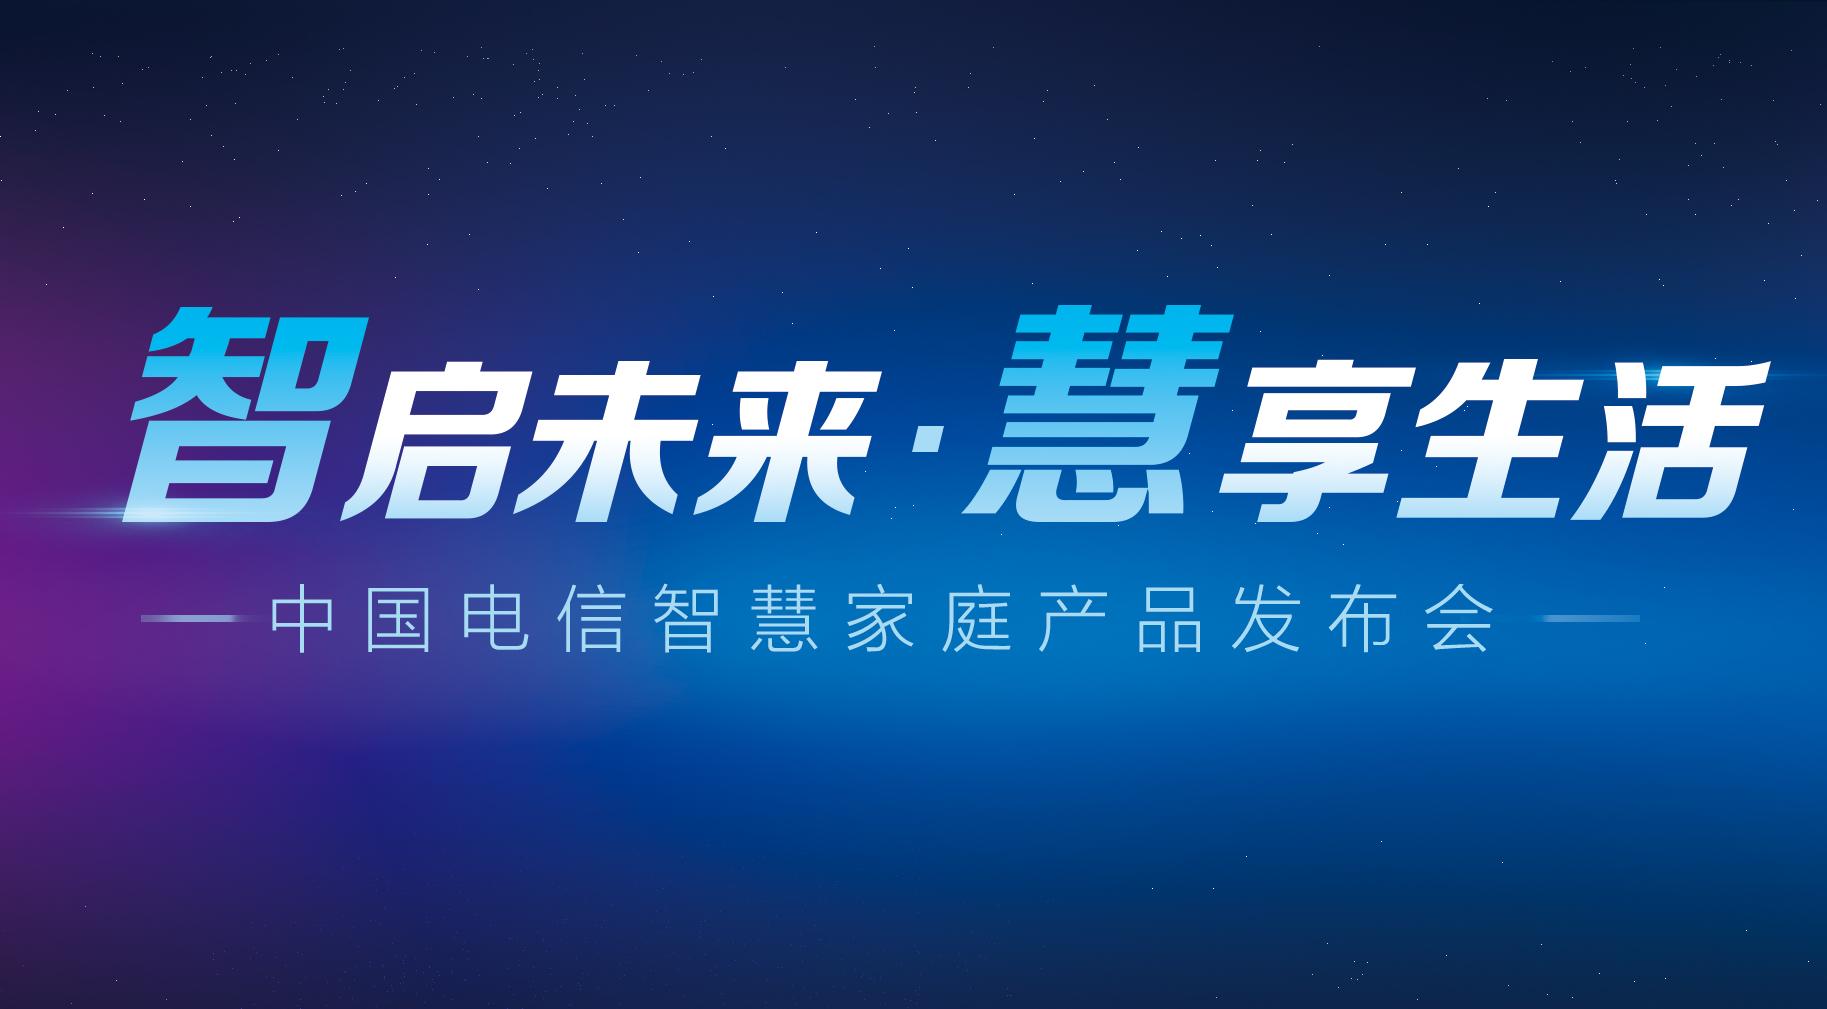 中国电信发布智能新品 落实网络强国构建智慧家庭